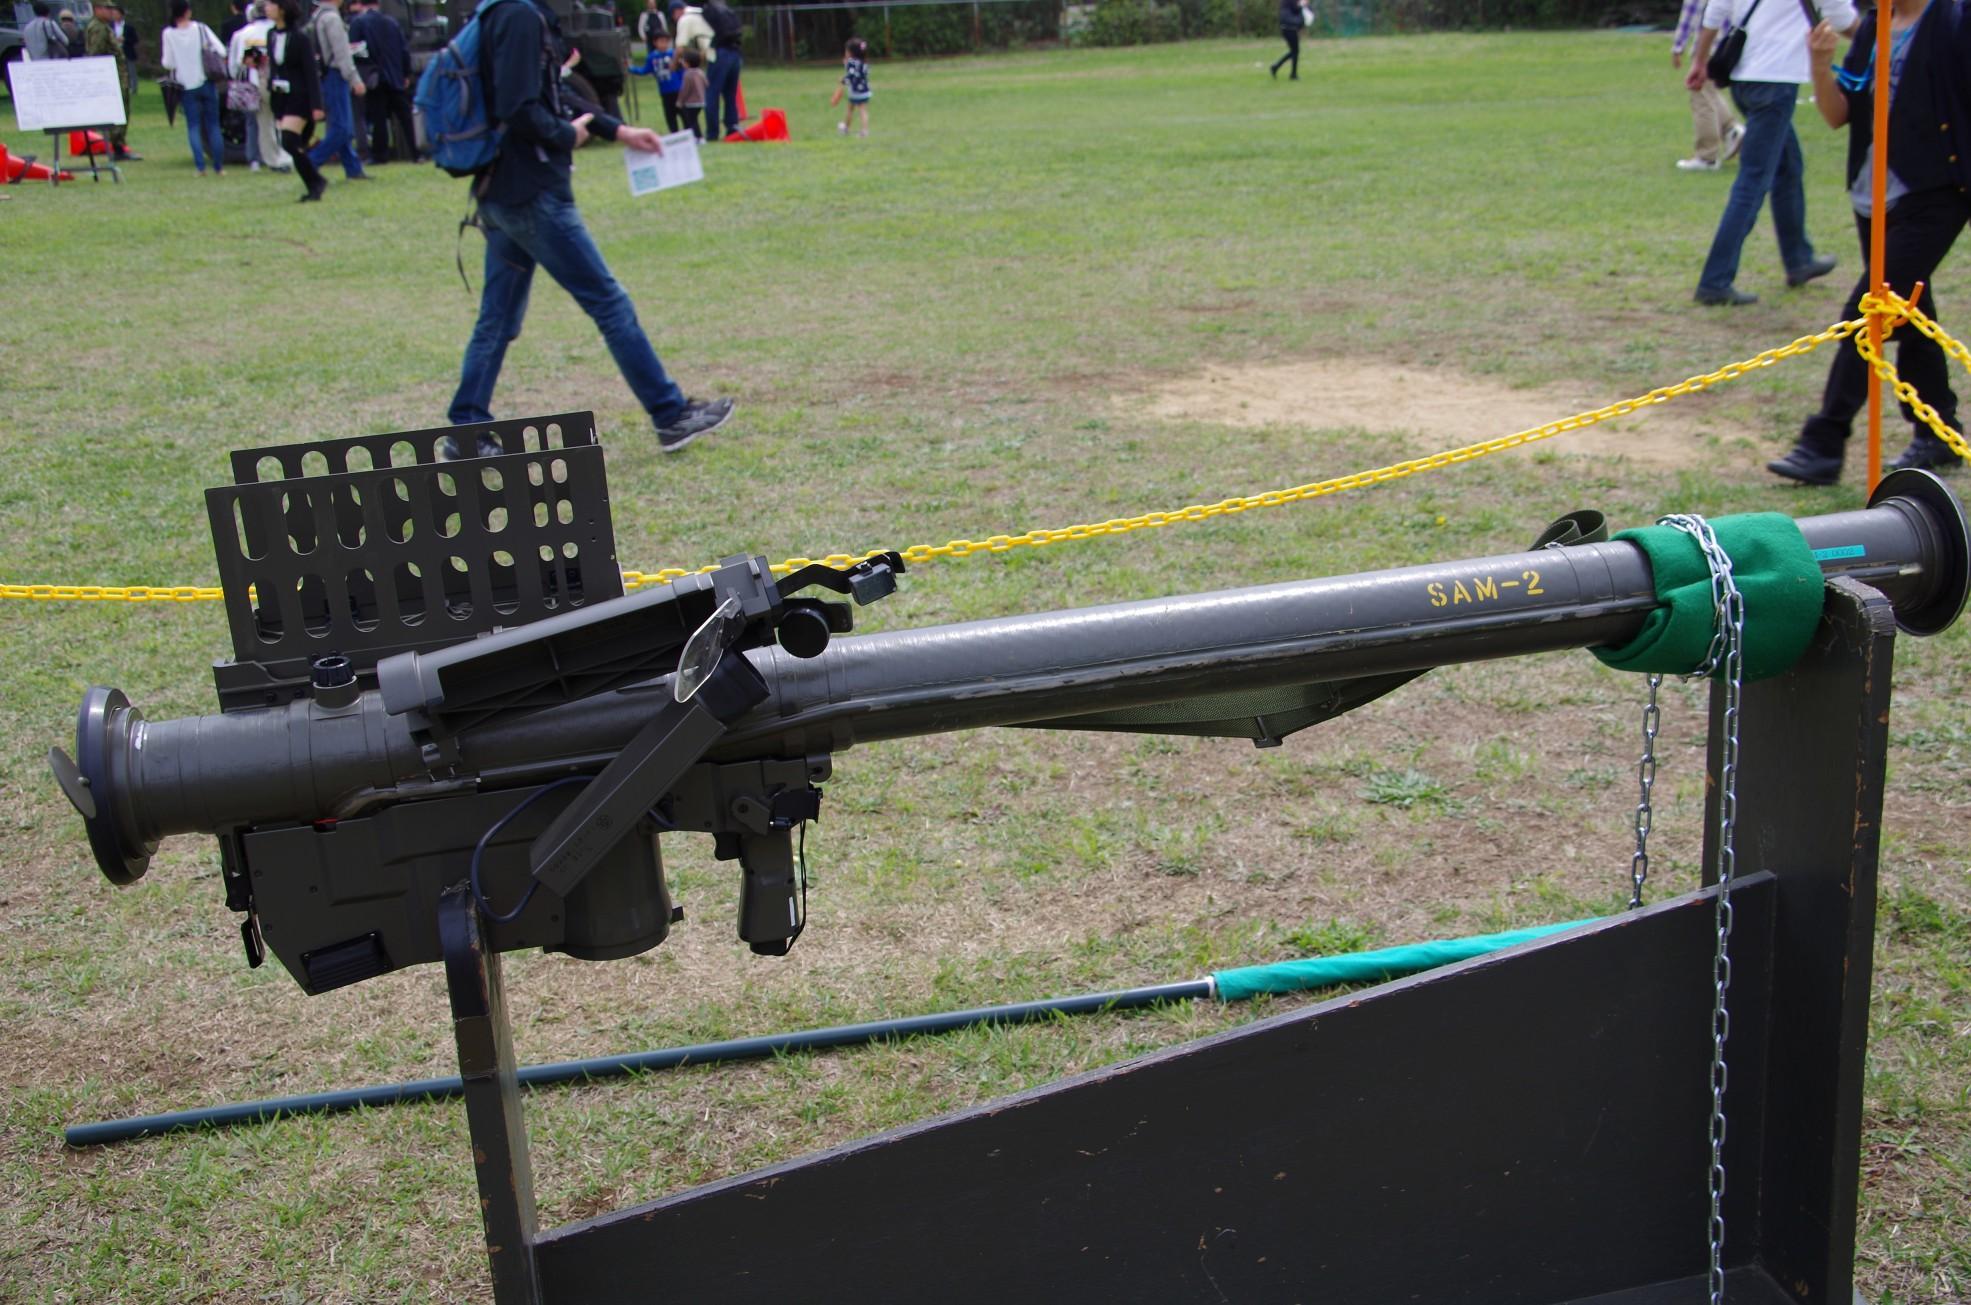 91式携帯地対空誘導弾|携SAM・SAM-2|陸上自衛隊装備品|陸自調査団